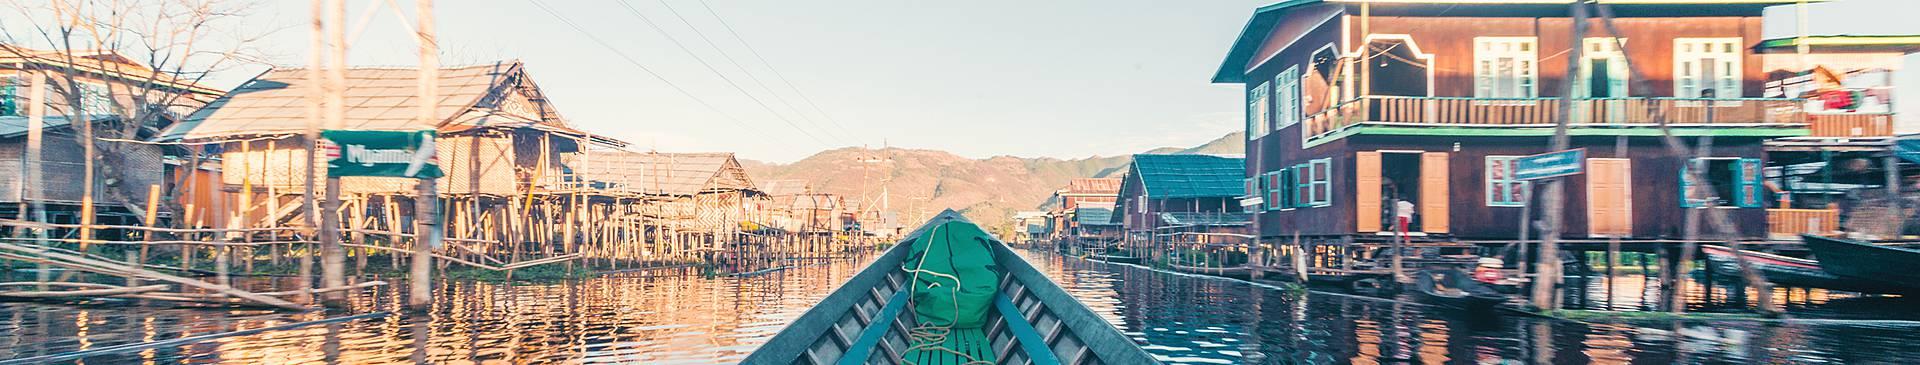 River cruises in Burma